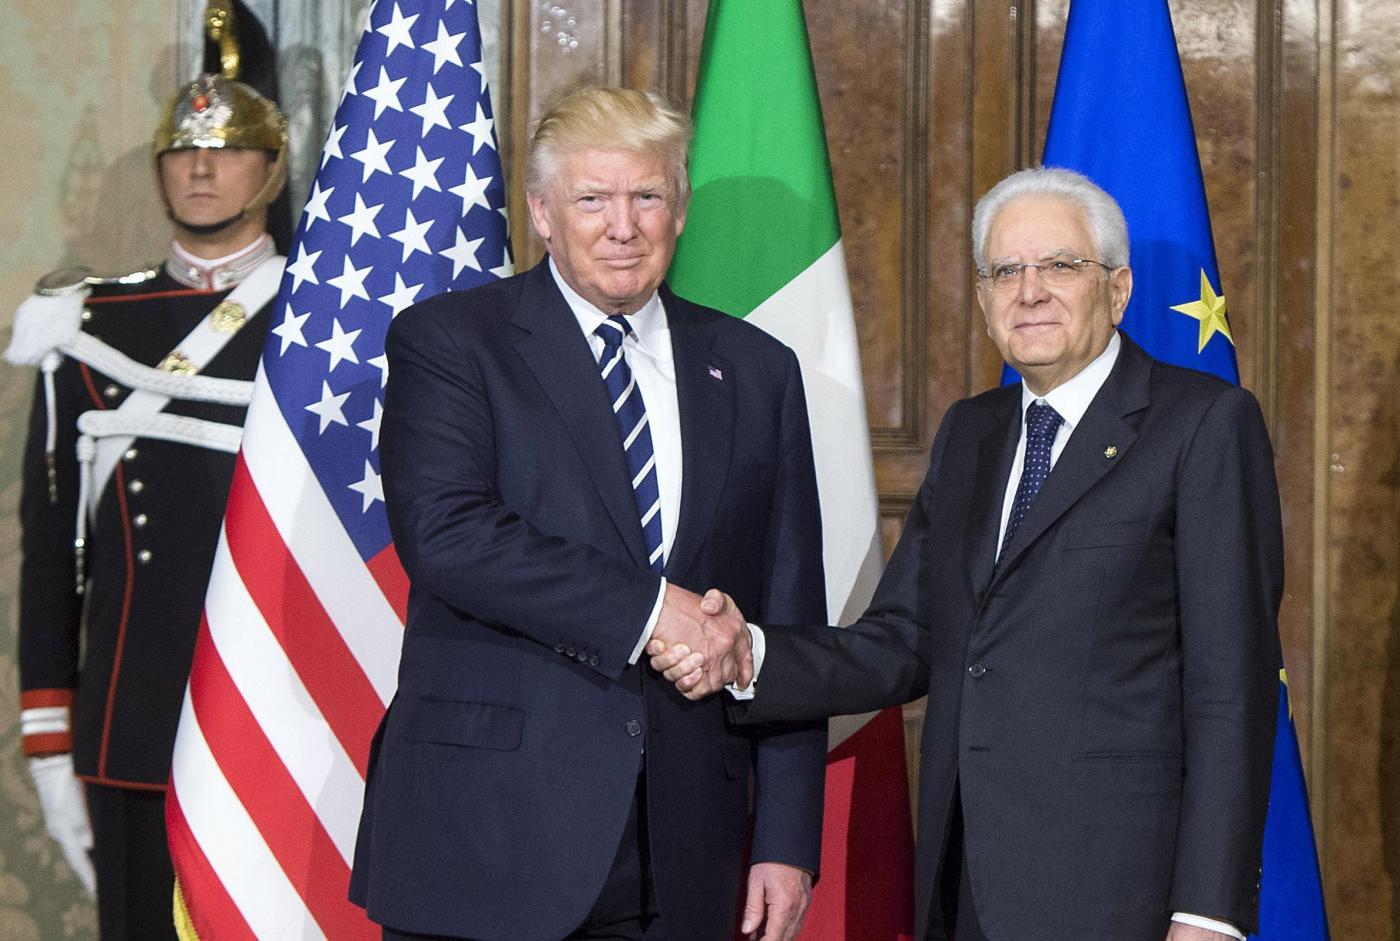 Il Presidente degli Stati Uniti Donald Trump arriva a Palazzo del Quirinale